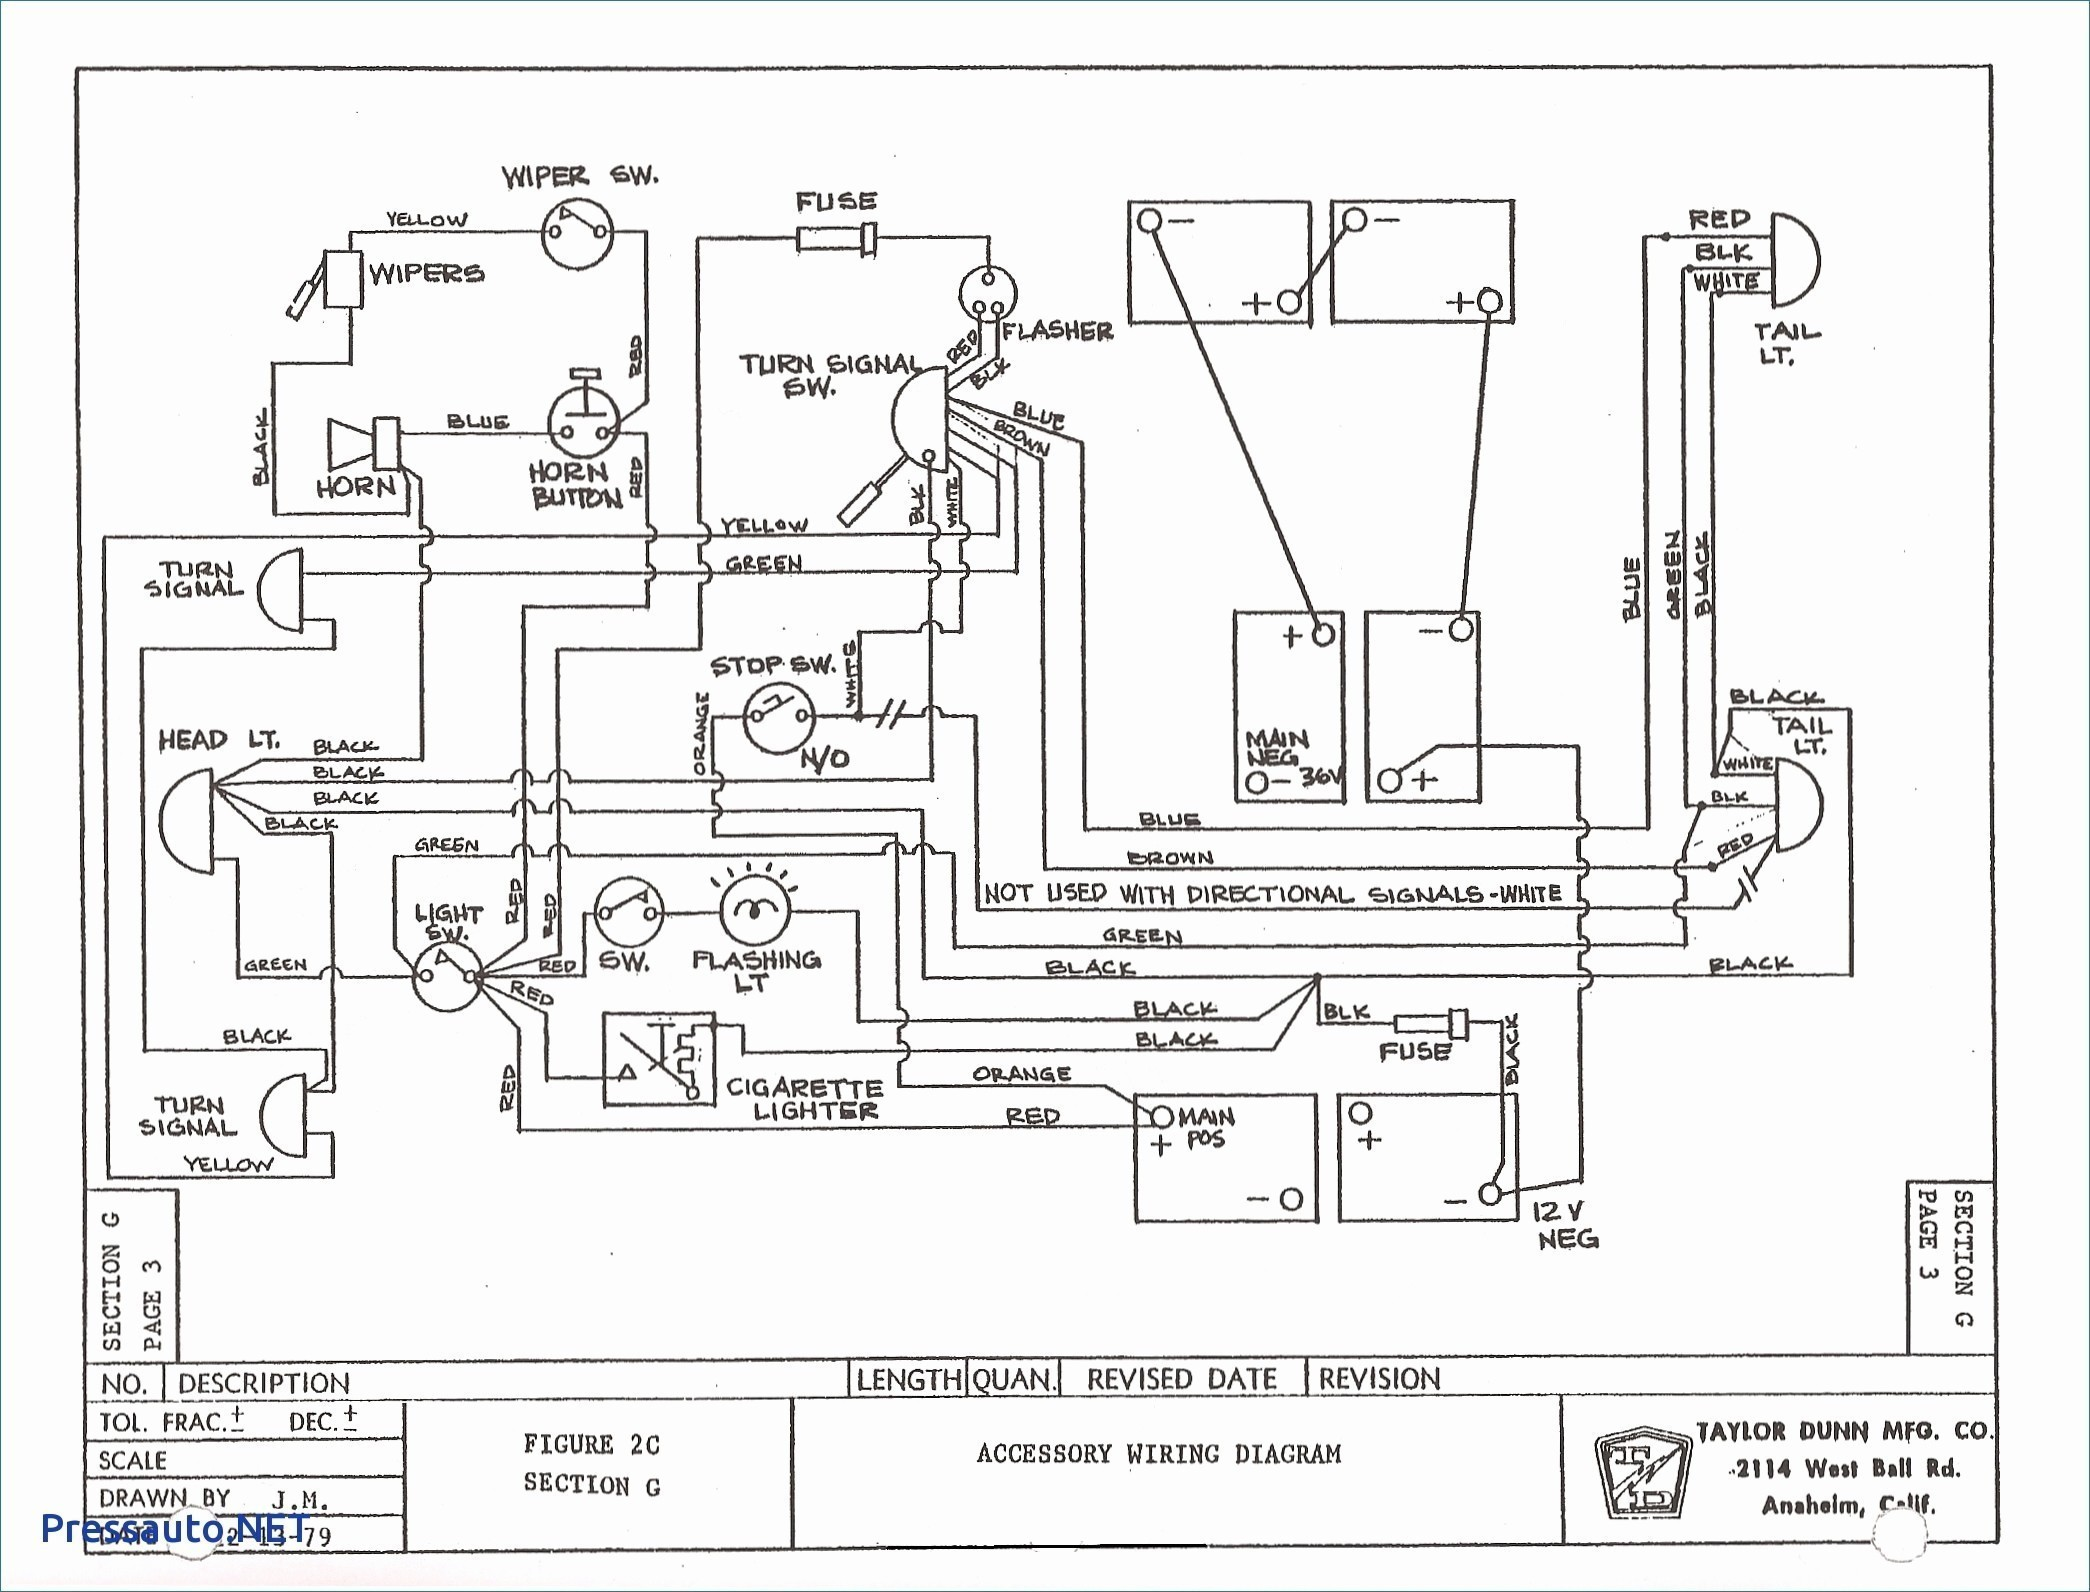 1992 Club Car Diagram 591 Ez Go Golf Cart Parts Diagram Of 1992 Club Car Diagram